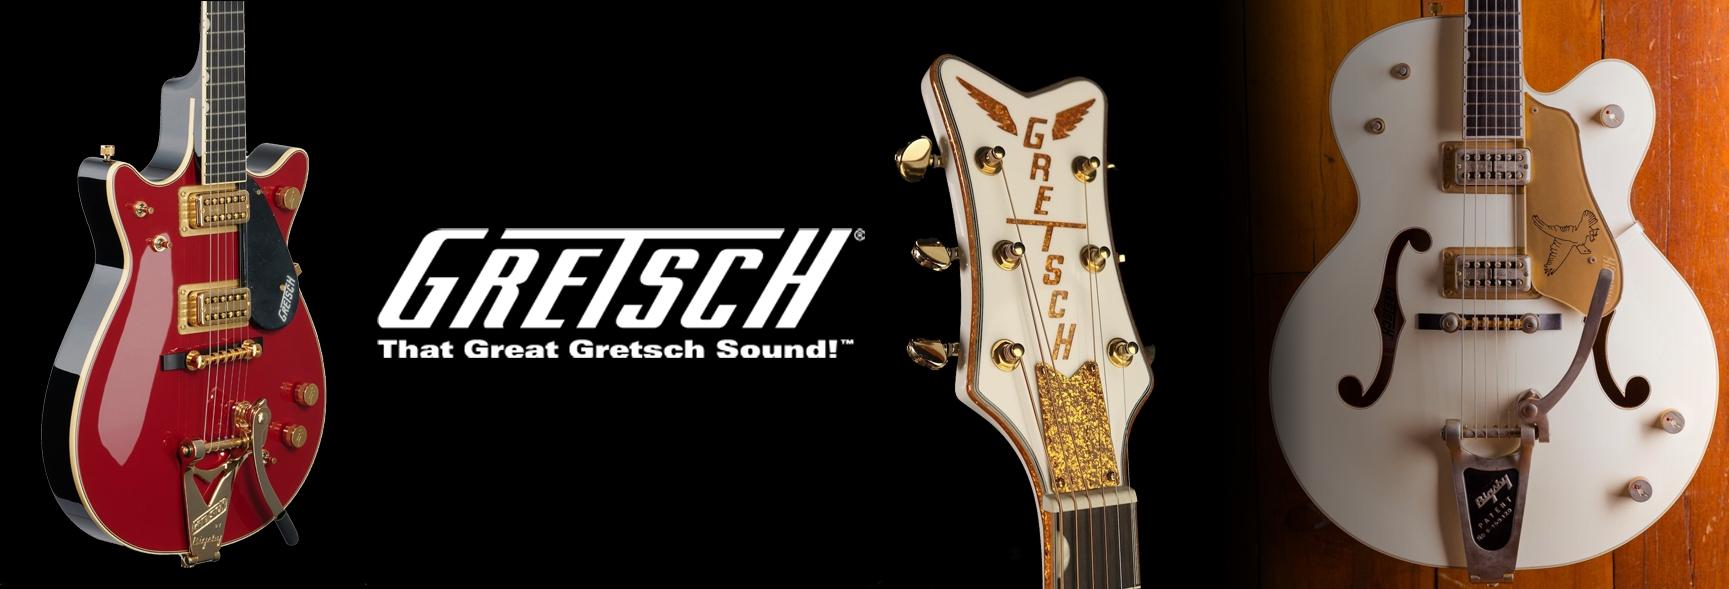 Clicca per vedere tutti i modelli e disponibilità di GRETSCH GUITARS